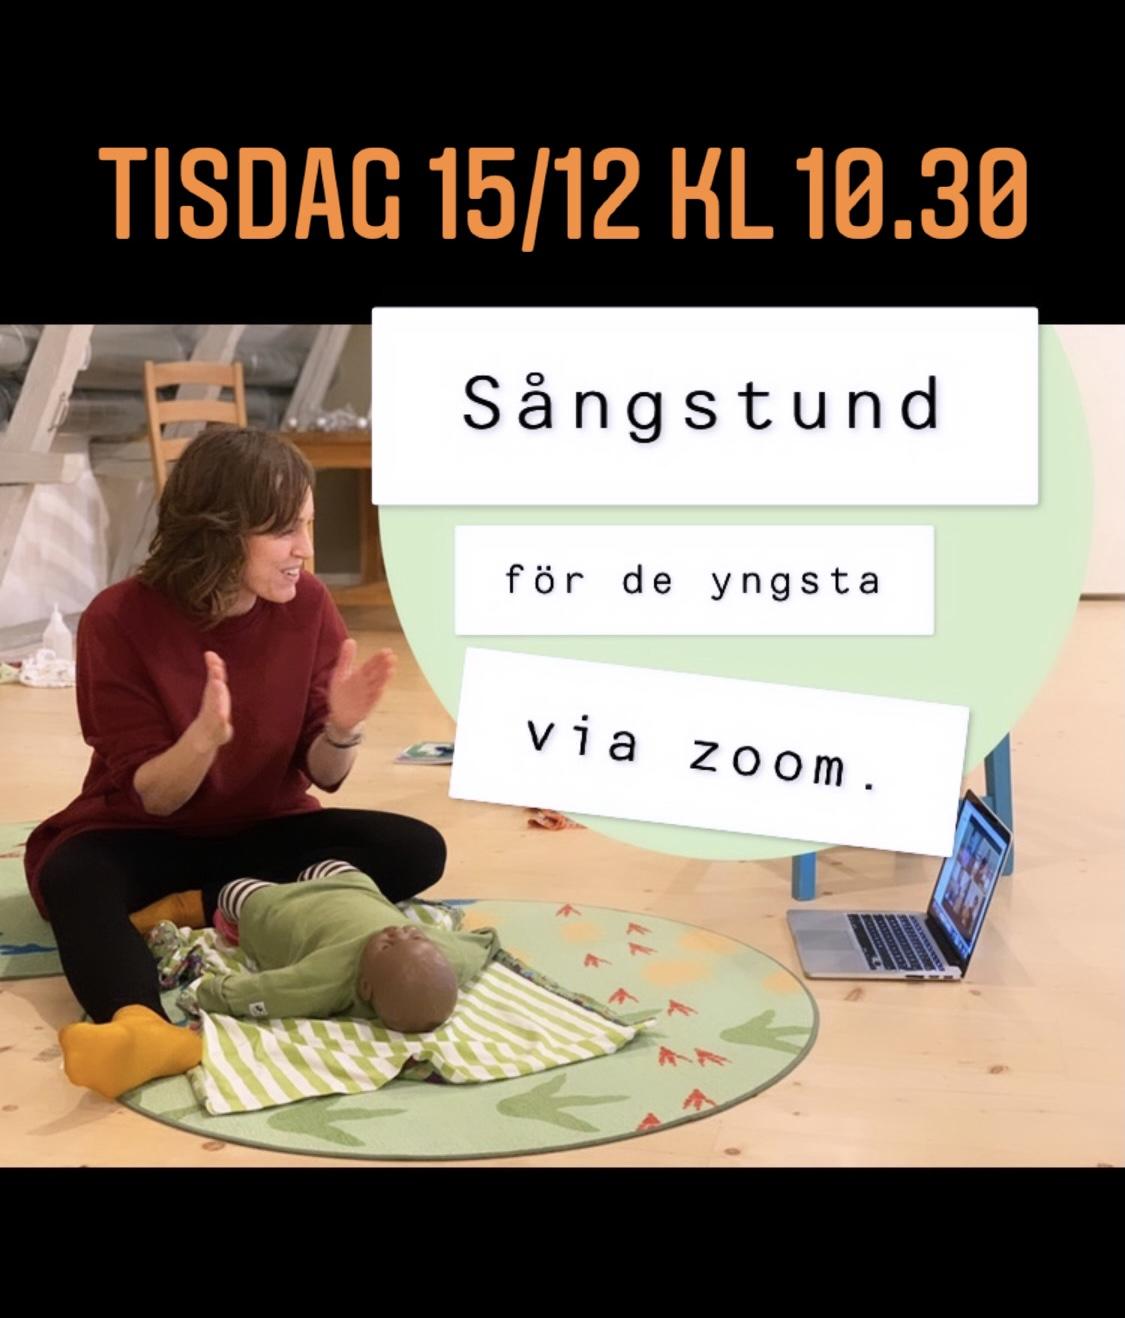 Zoom-sångstunder tisdag 15/12: för de yngsta kl 10.30 & alla åldrar kl 14.00